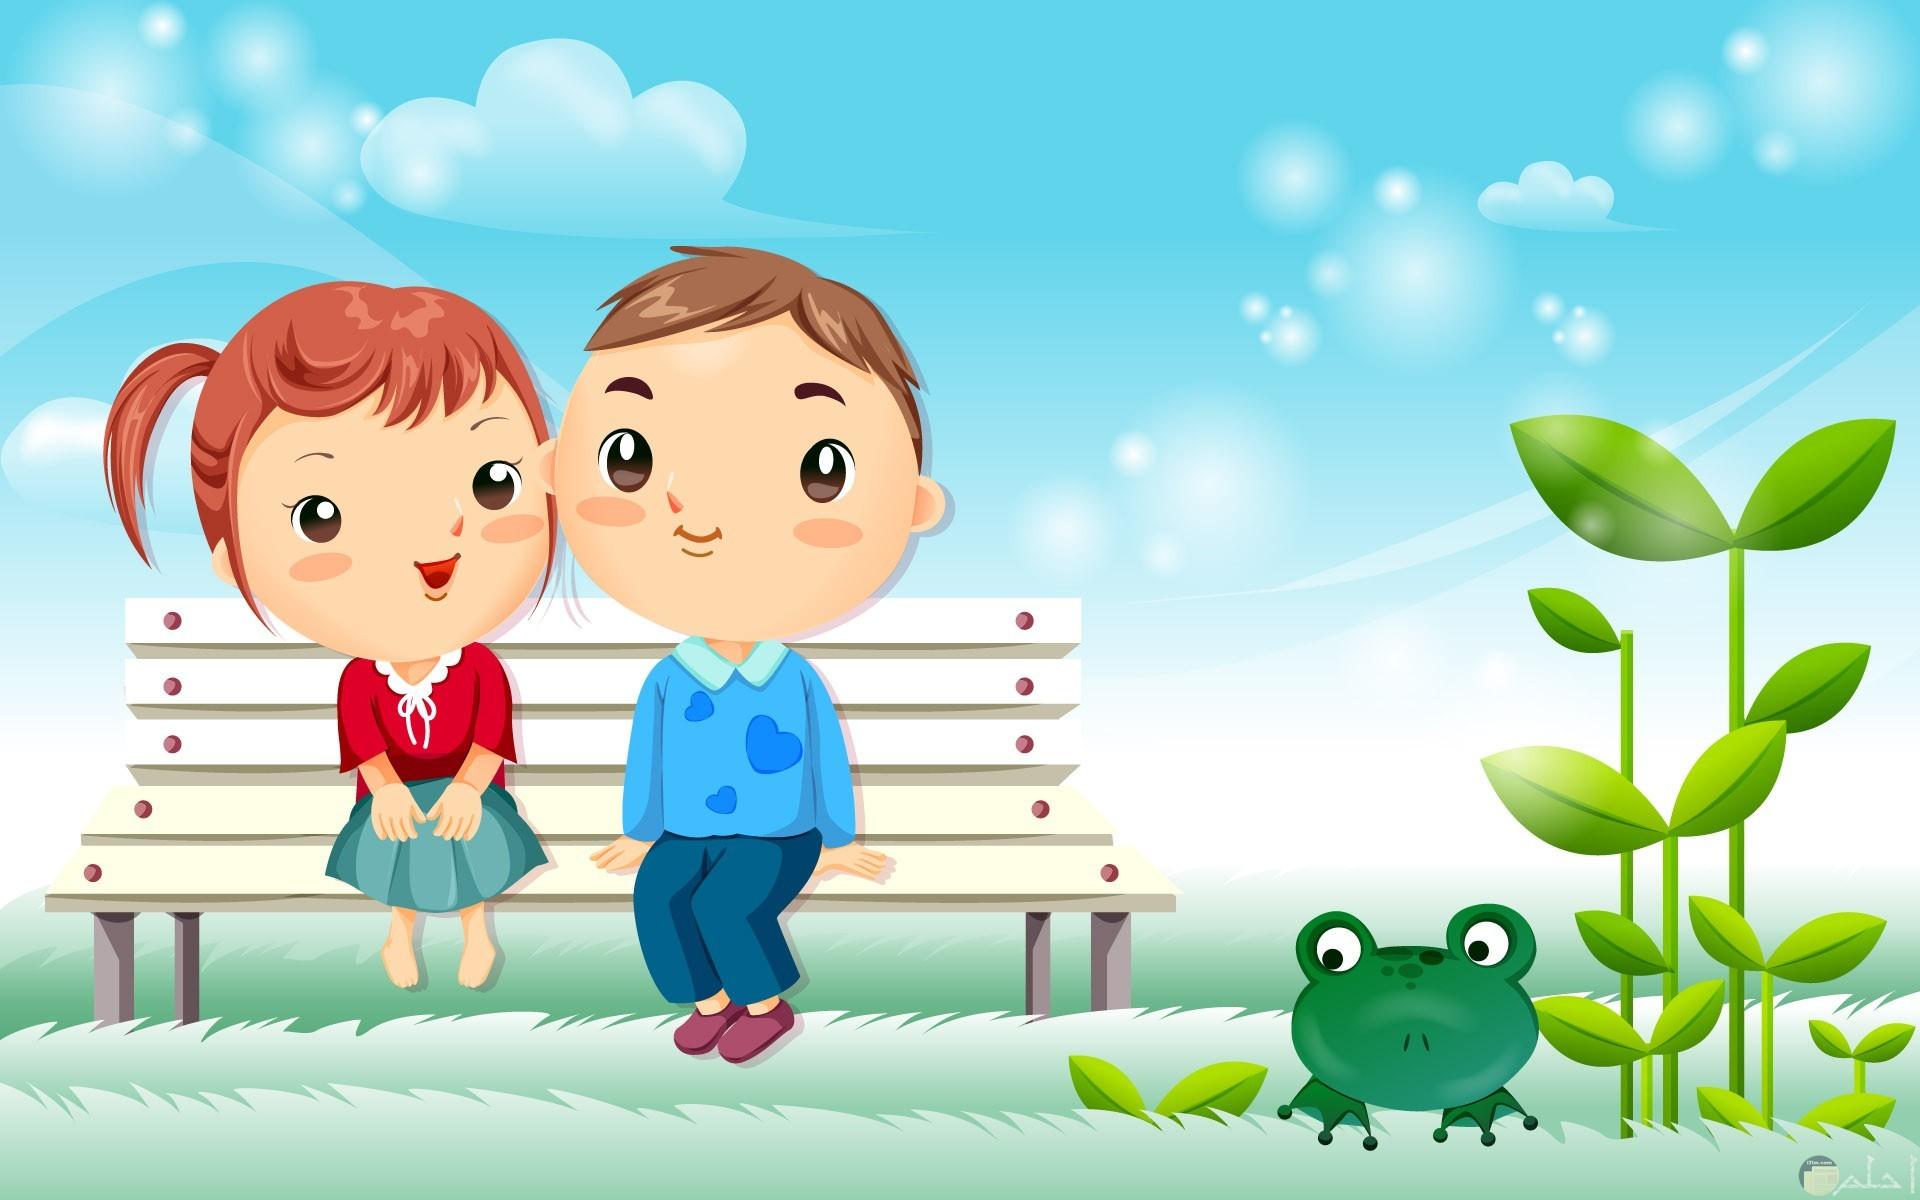 كرتون رومانسي لبنت و ولد أنمي يجلسان بحديقة.